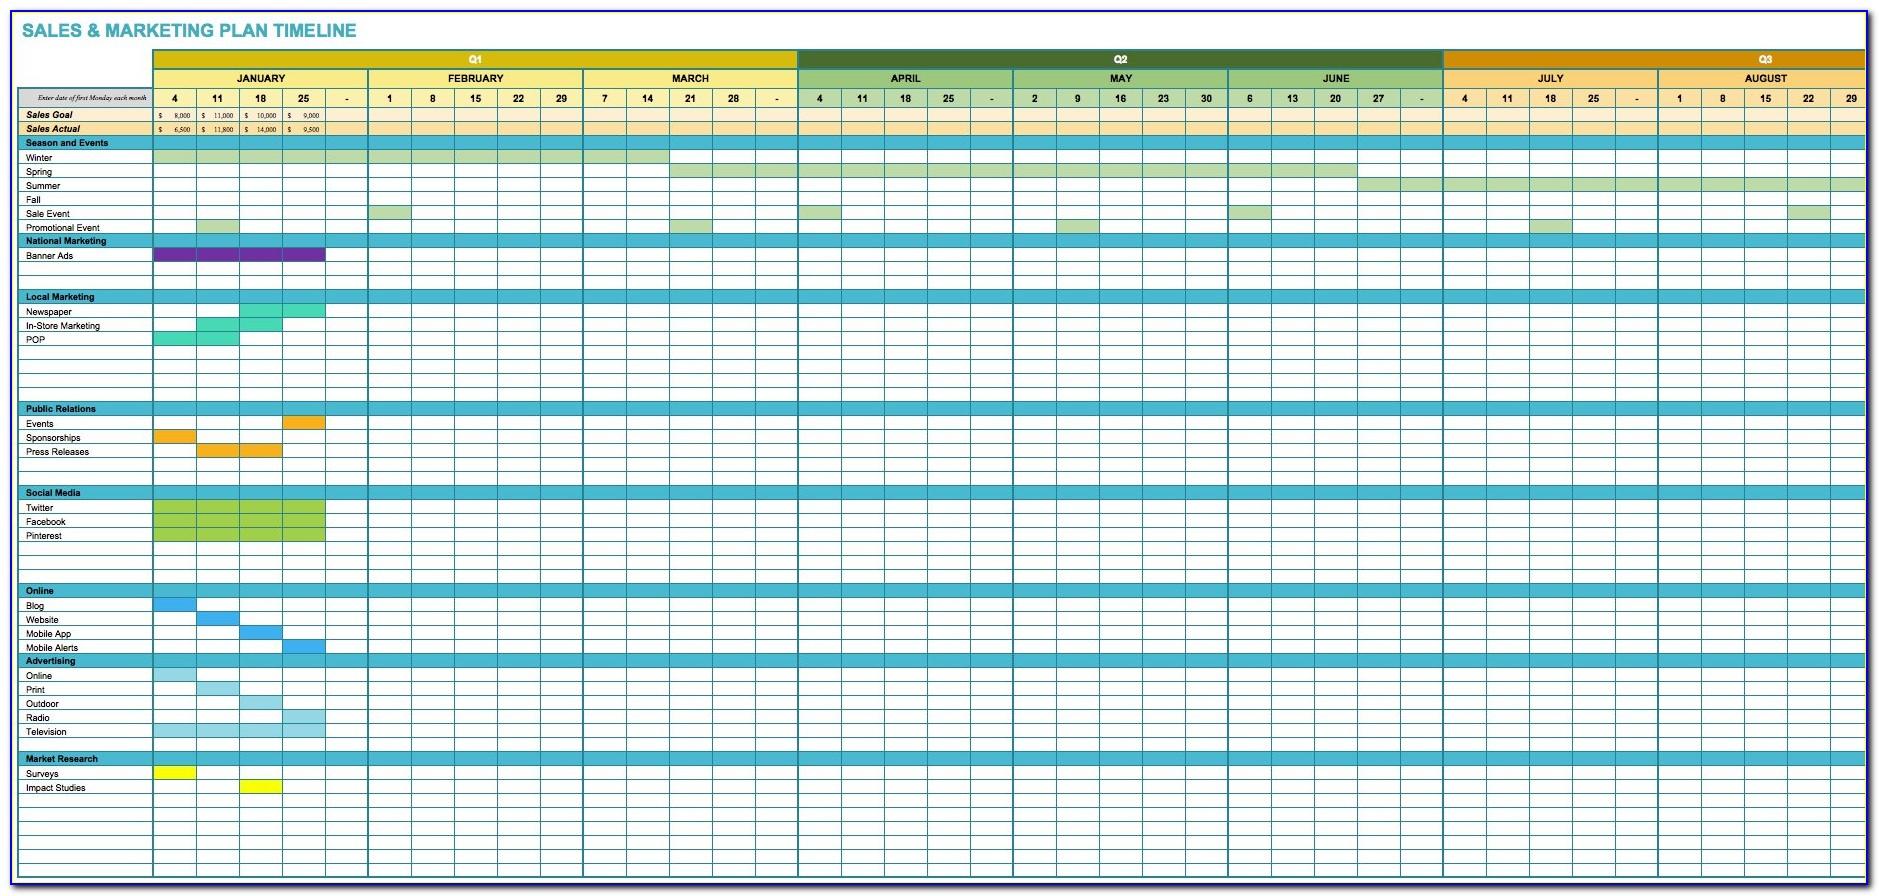 Marketing Timeline Template Excel Format